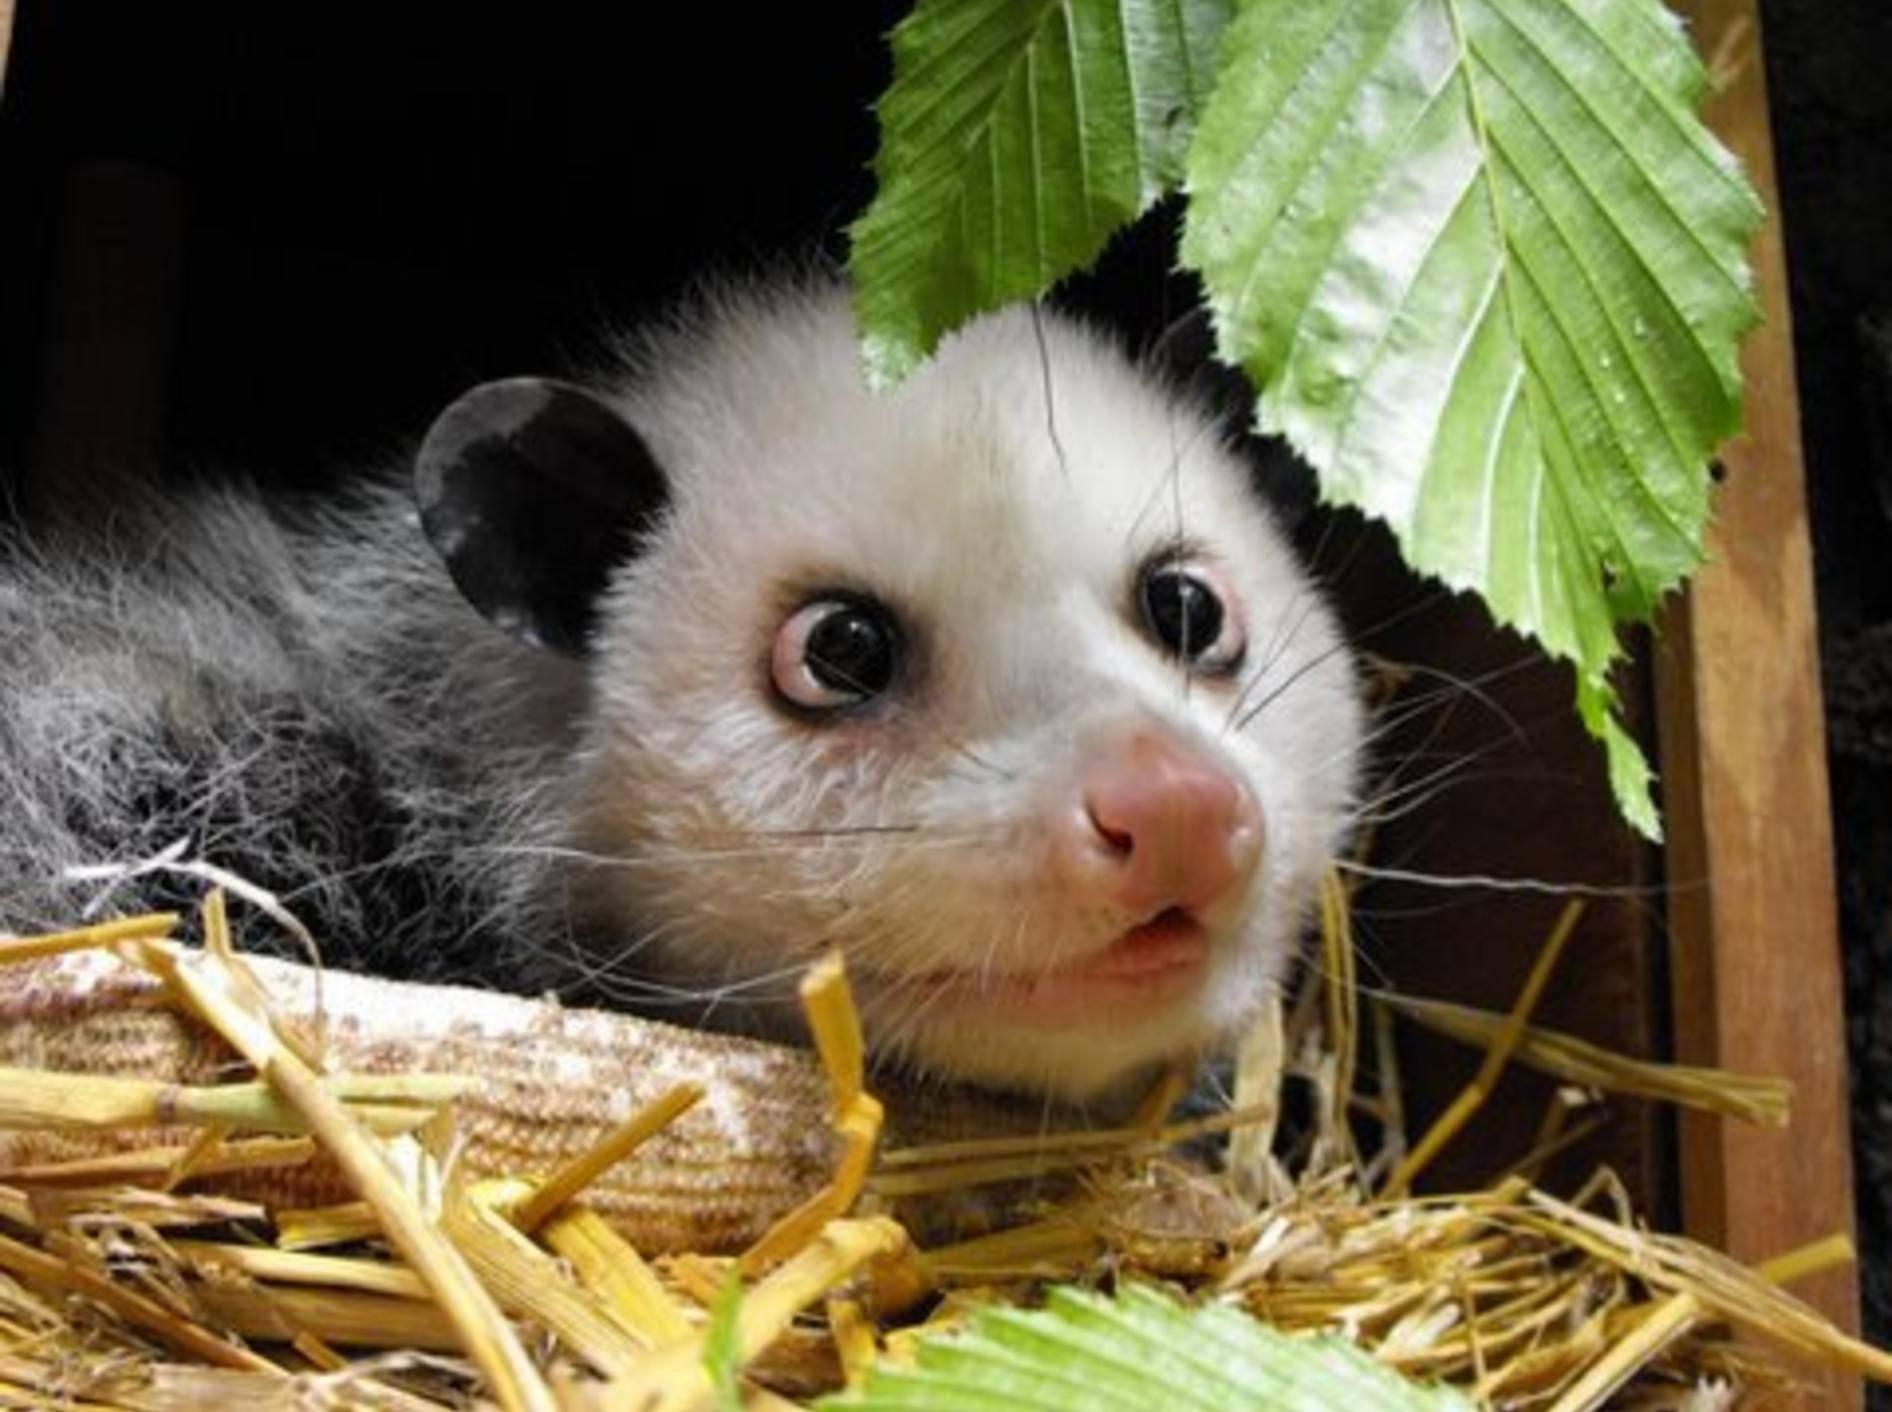 Heidi schielendes Opossum